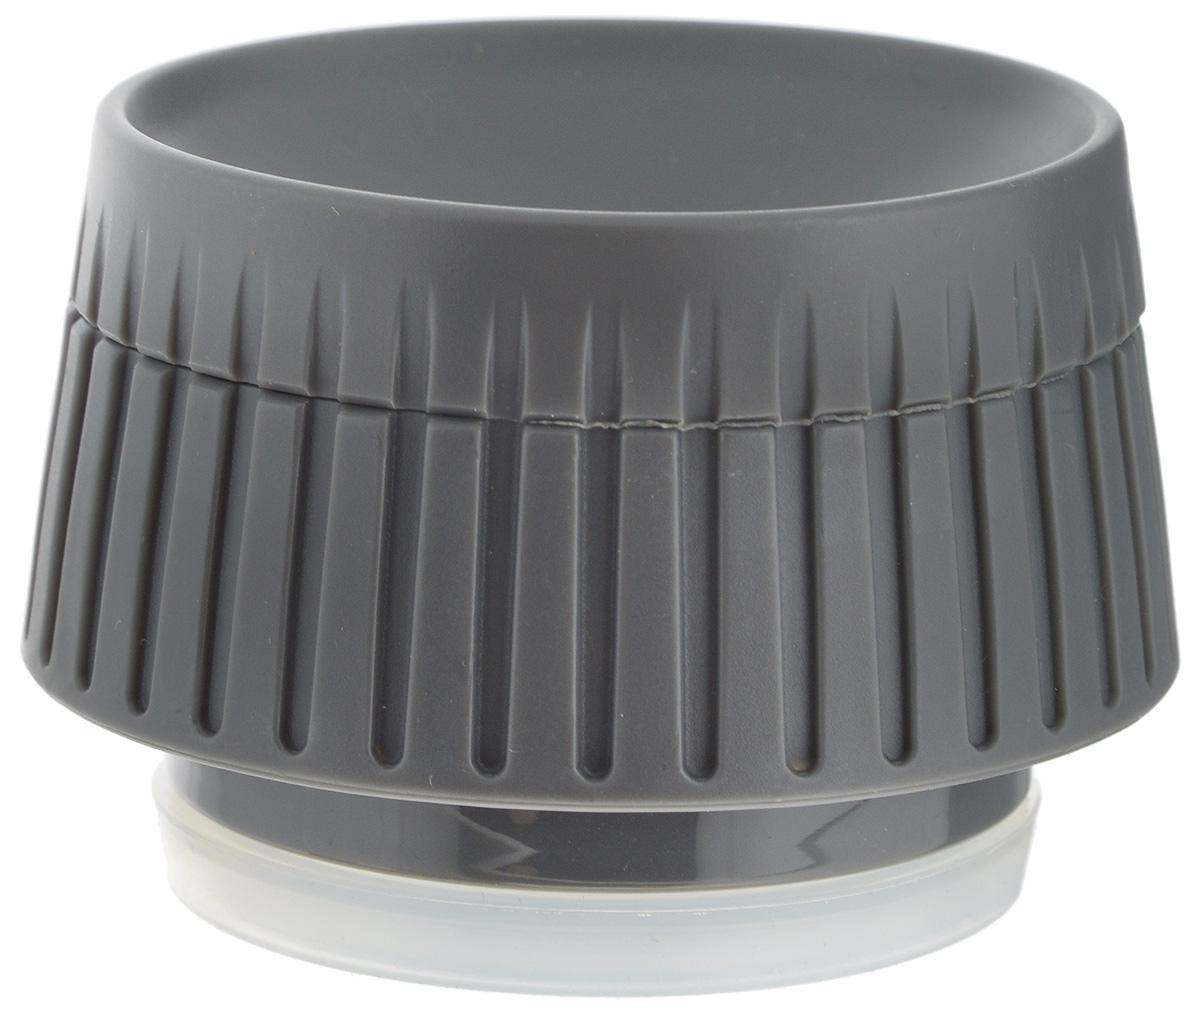 Крышка-дозатор Primus Standard Stopper, для термоса TrailBreak16100Вакуумная крышка-дозатор Primus Standard Stopper предназначена для термосов Primus TrailBreak. Изделие выполнено из пластика и снабжено силиконовой прослойкой дляплотного и надежного закрытия.